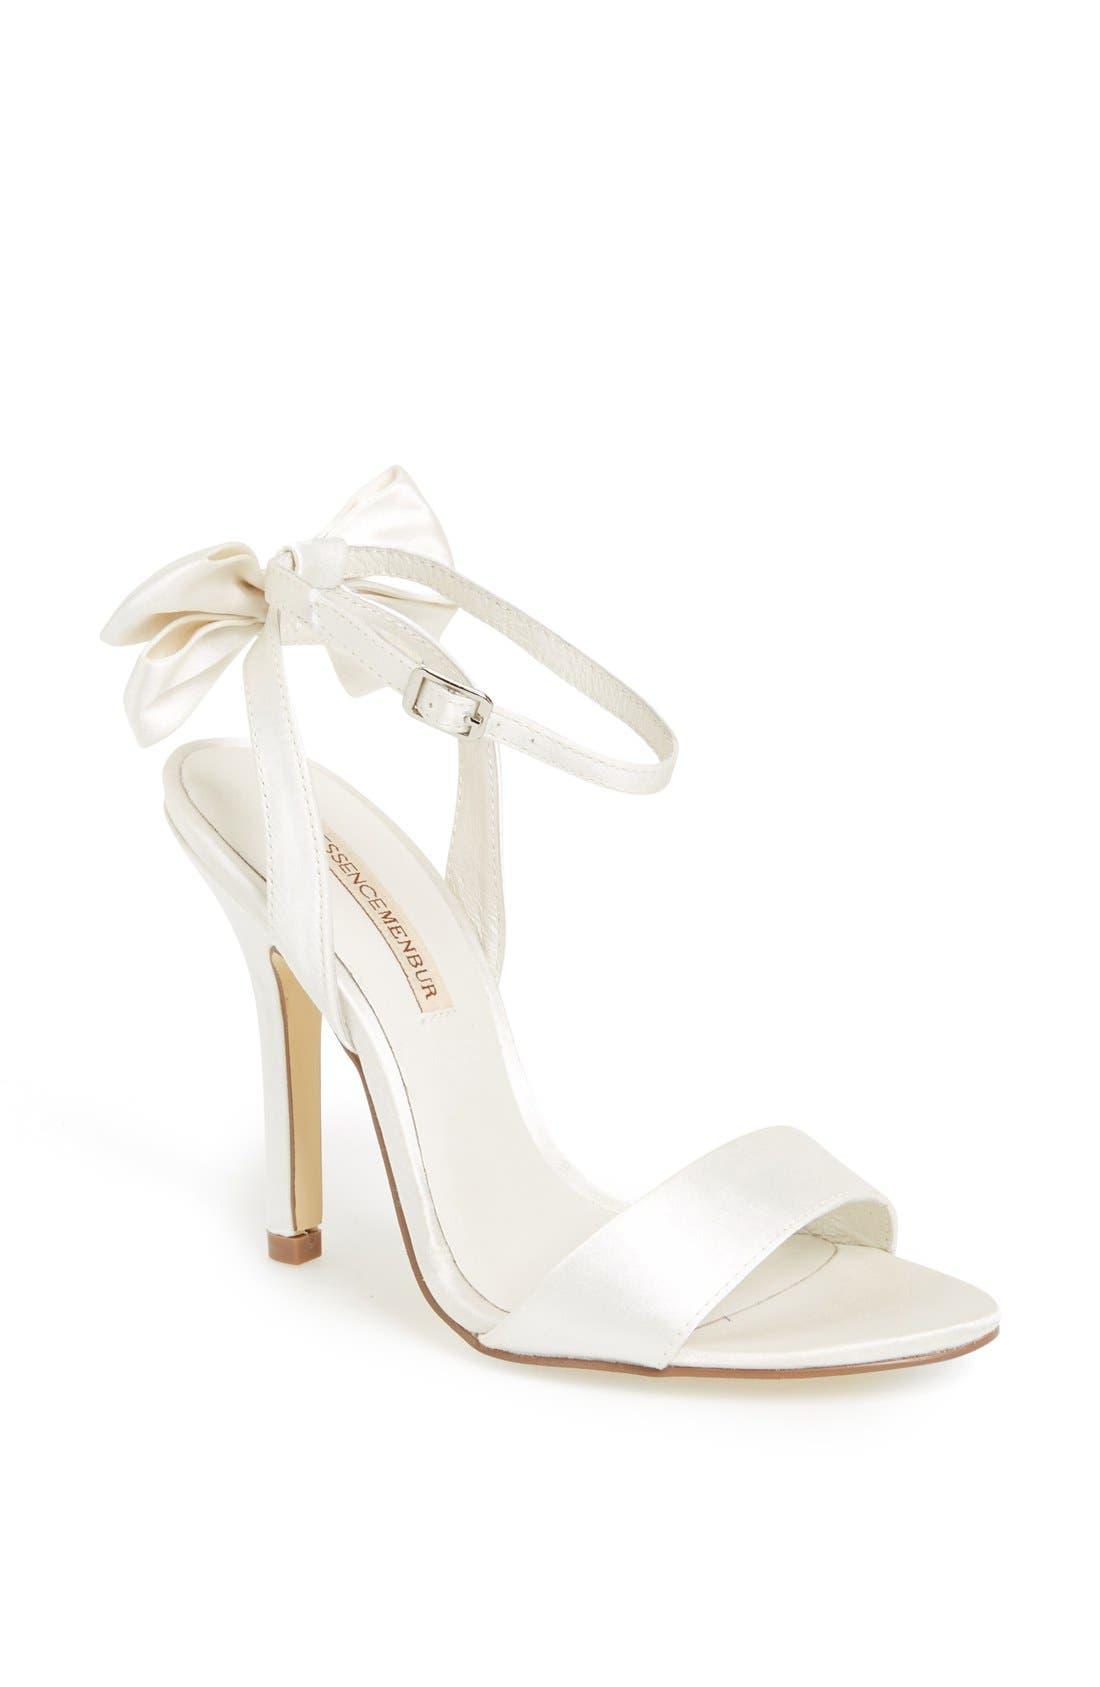 Main Image - Menbur 'Milan' Satin Sandal